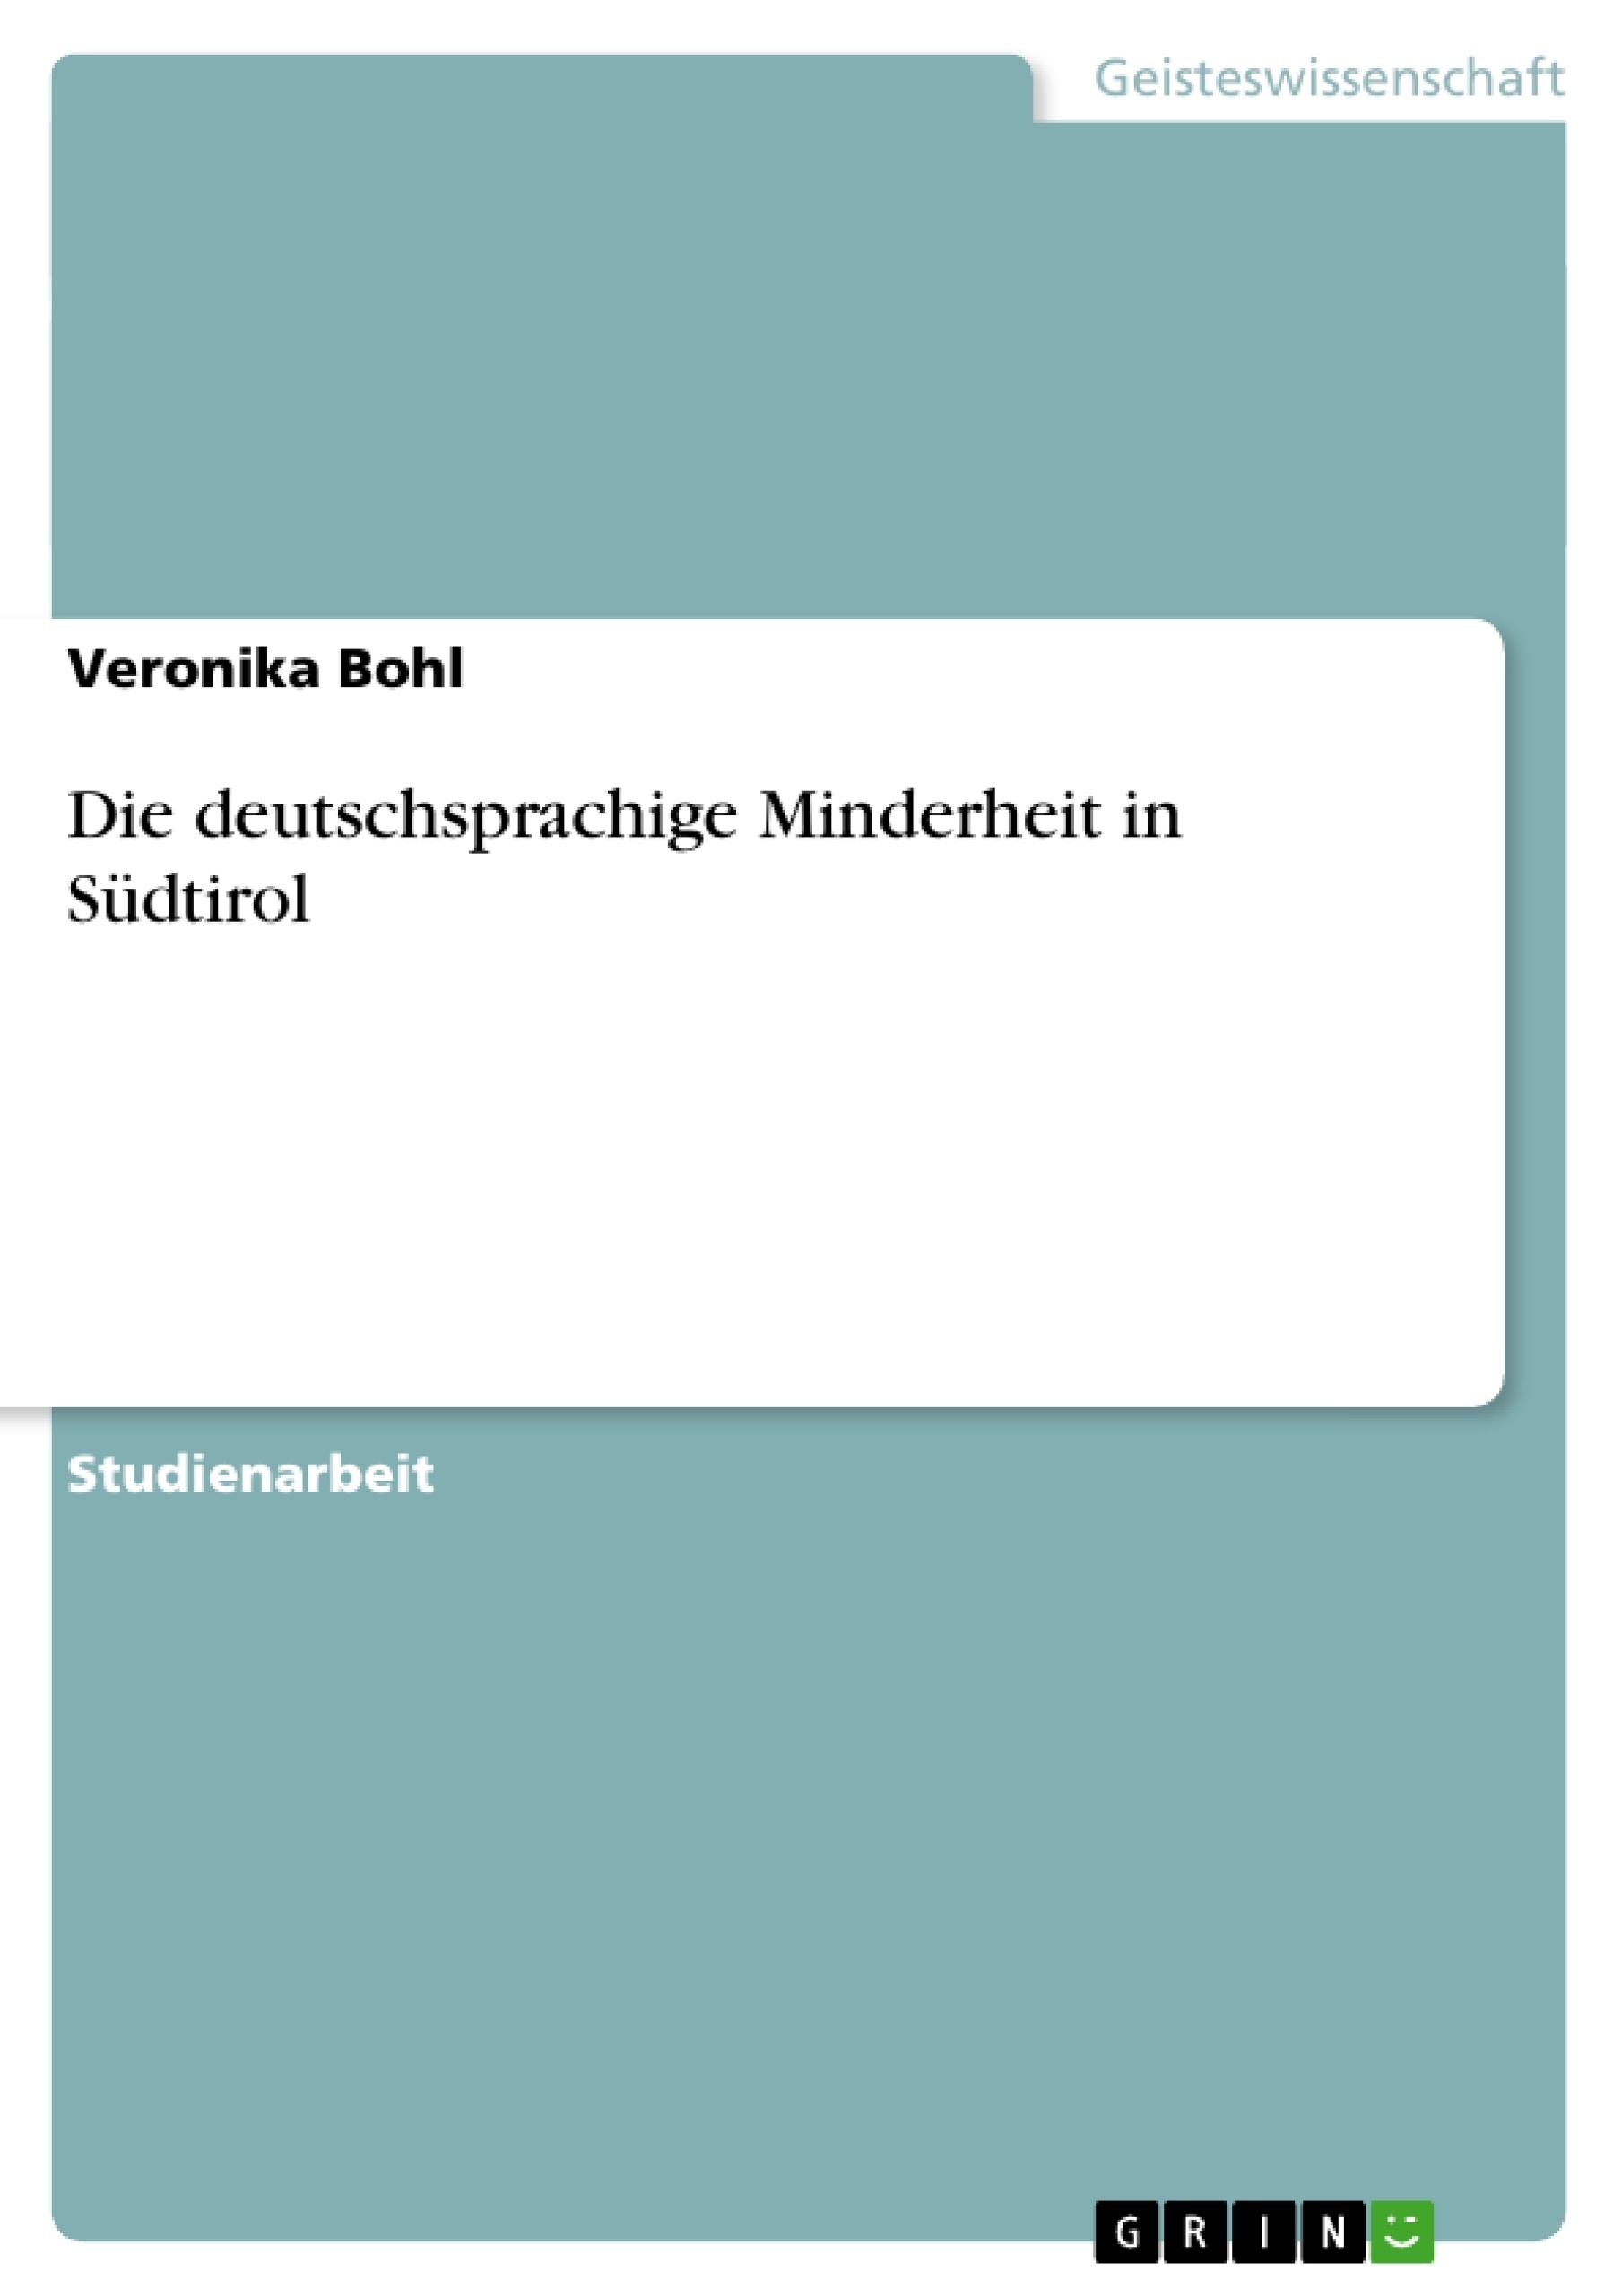 Titel: Die deutschsprachige Minderheit in Südtirol